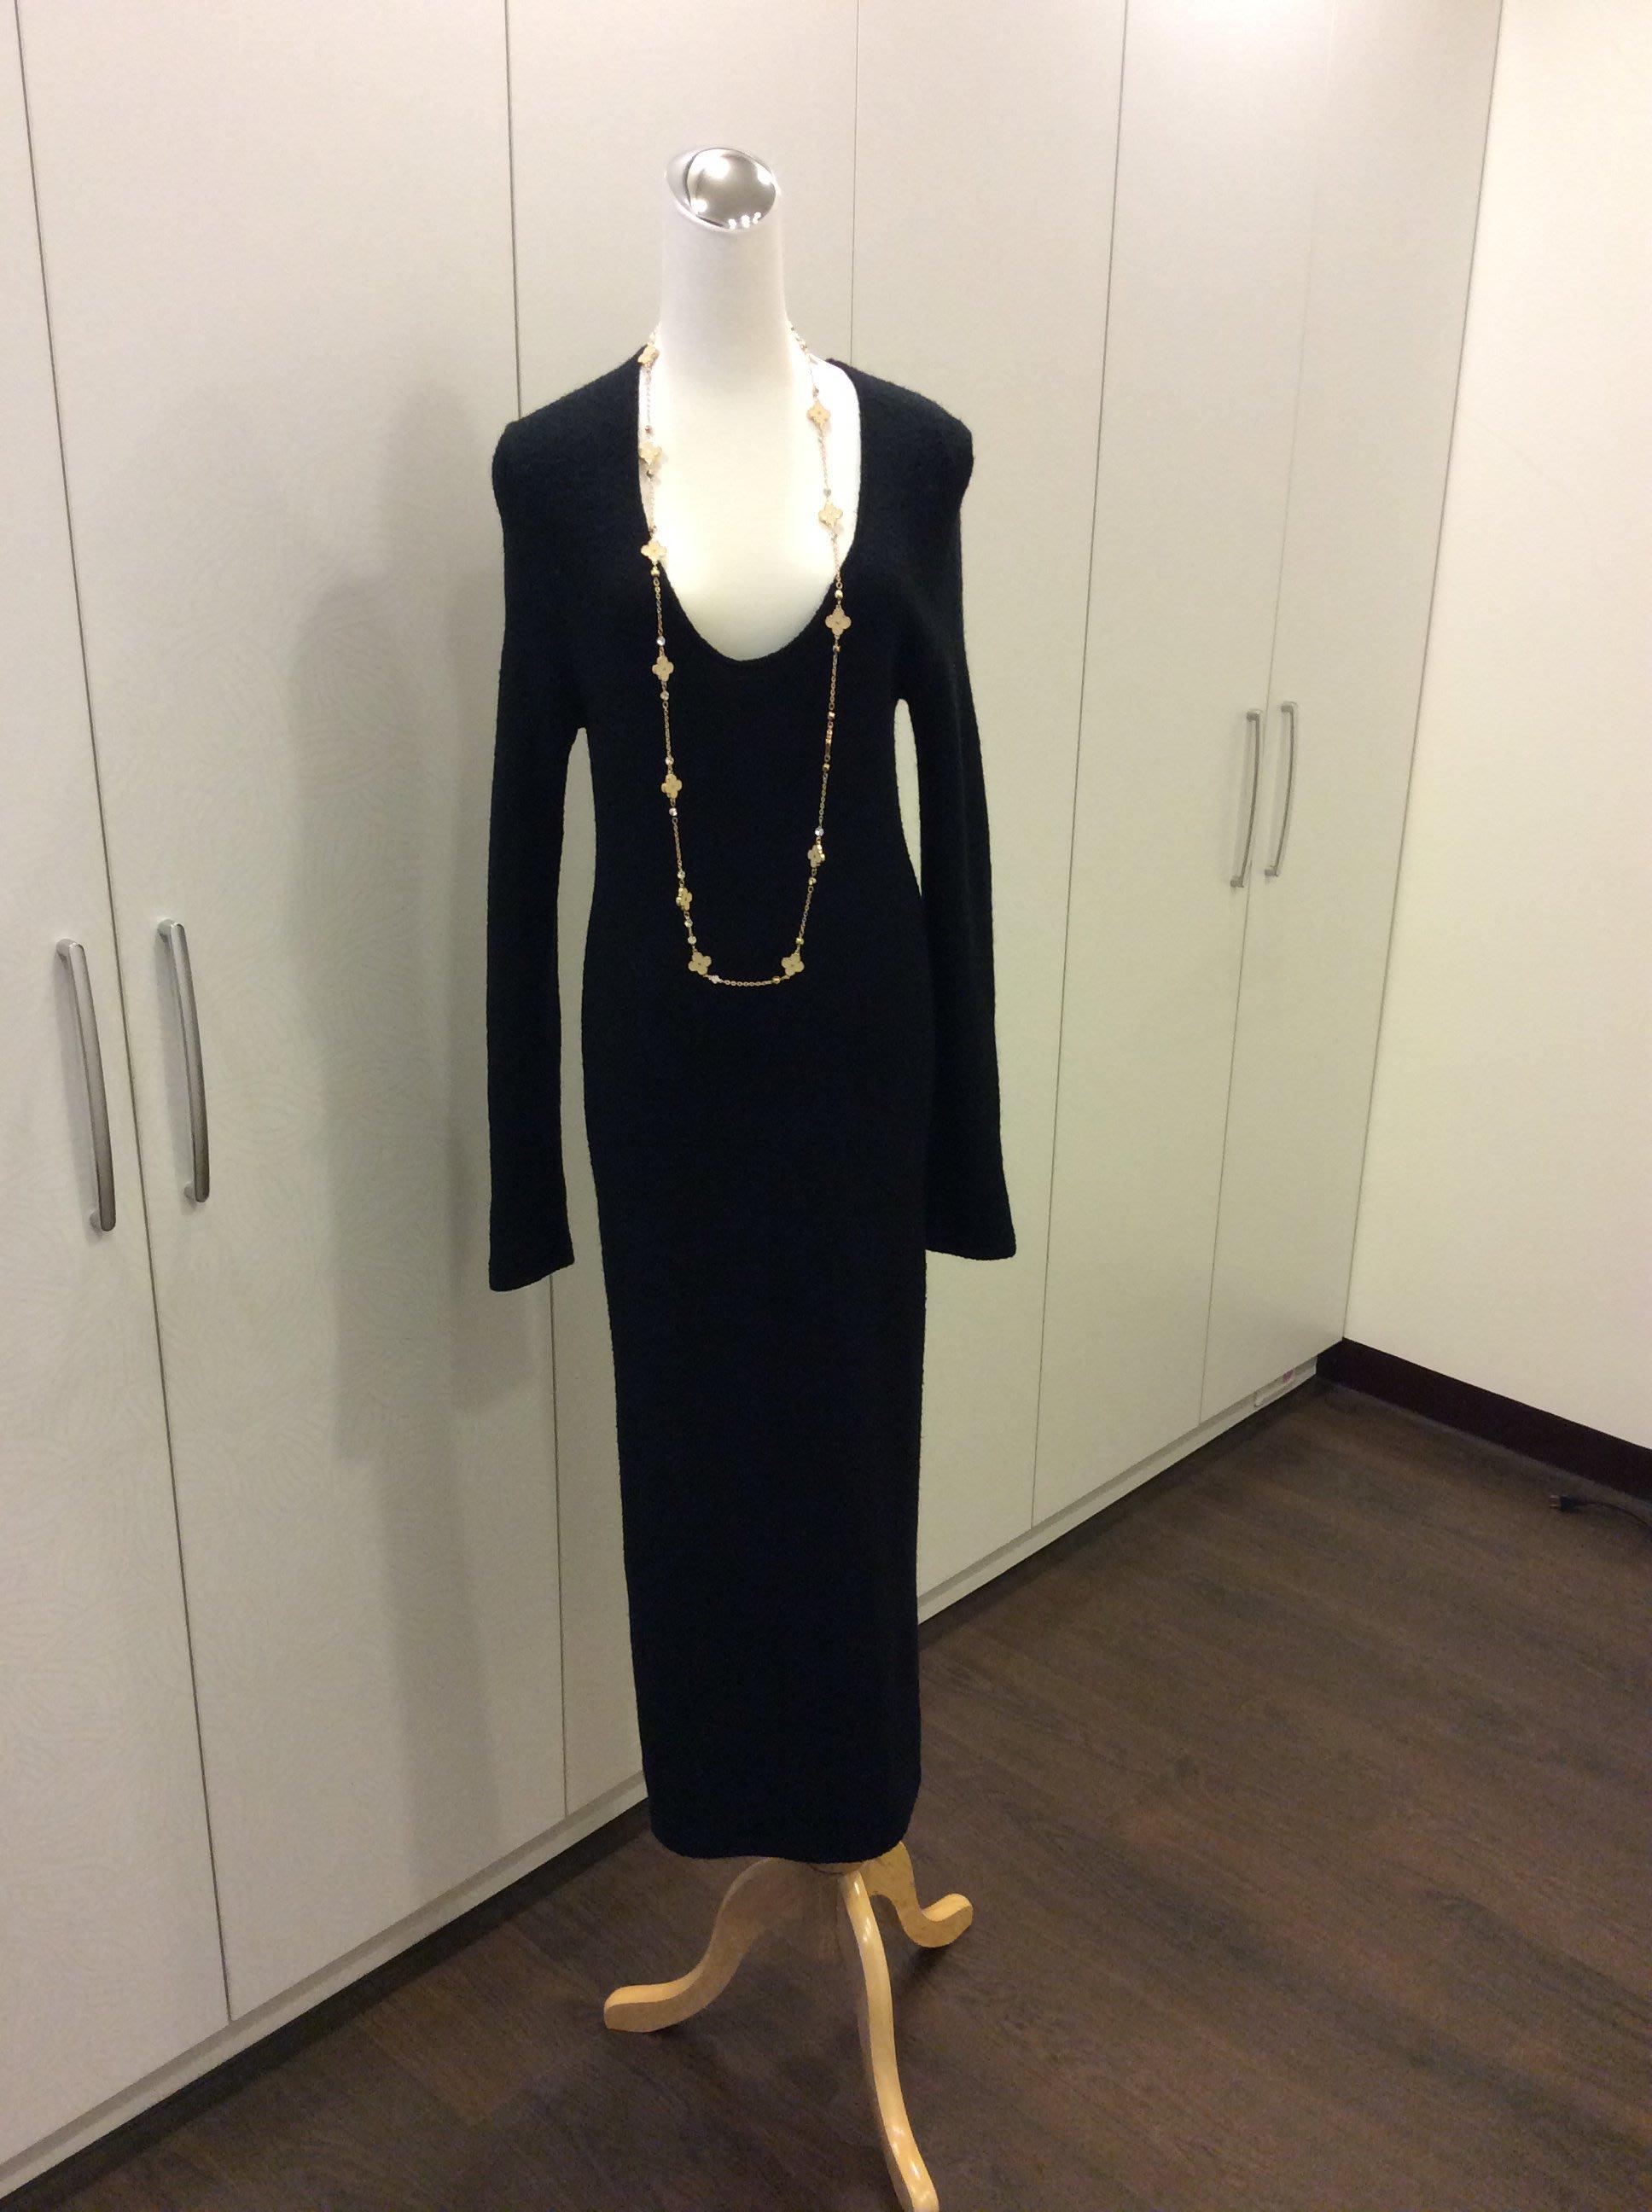 選對單品就時尚❤️黑色毛料合身性感長洋裝❤️粗針個性短洋裝❤️寶藍色毛海長版上衣❤️黑色兩件式長版上衣❤️Mango厚質感造型洋裝